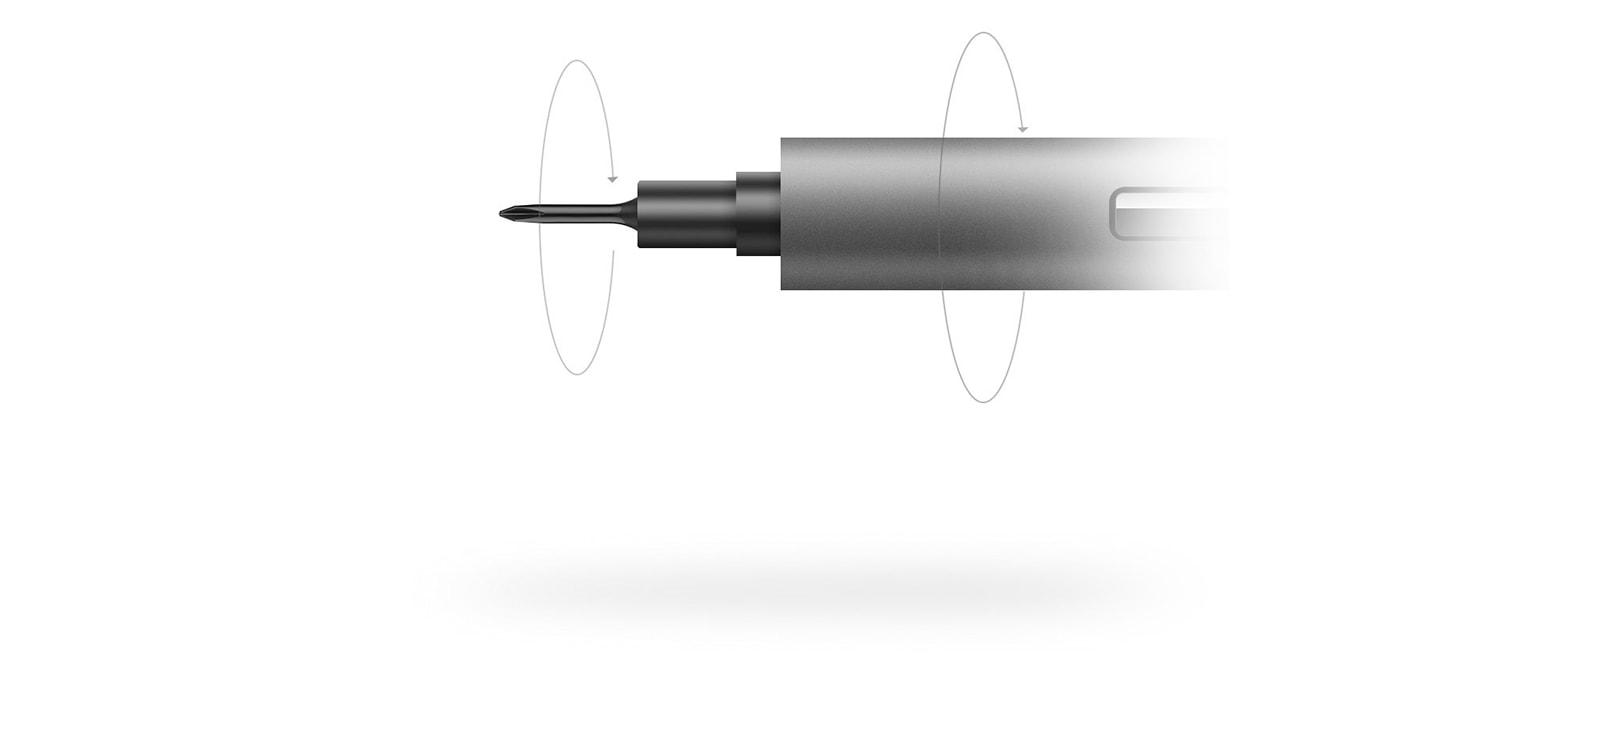 Подборка гик-отверток и необычных мультитулов от Leatherman до Xiaomi - 1